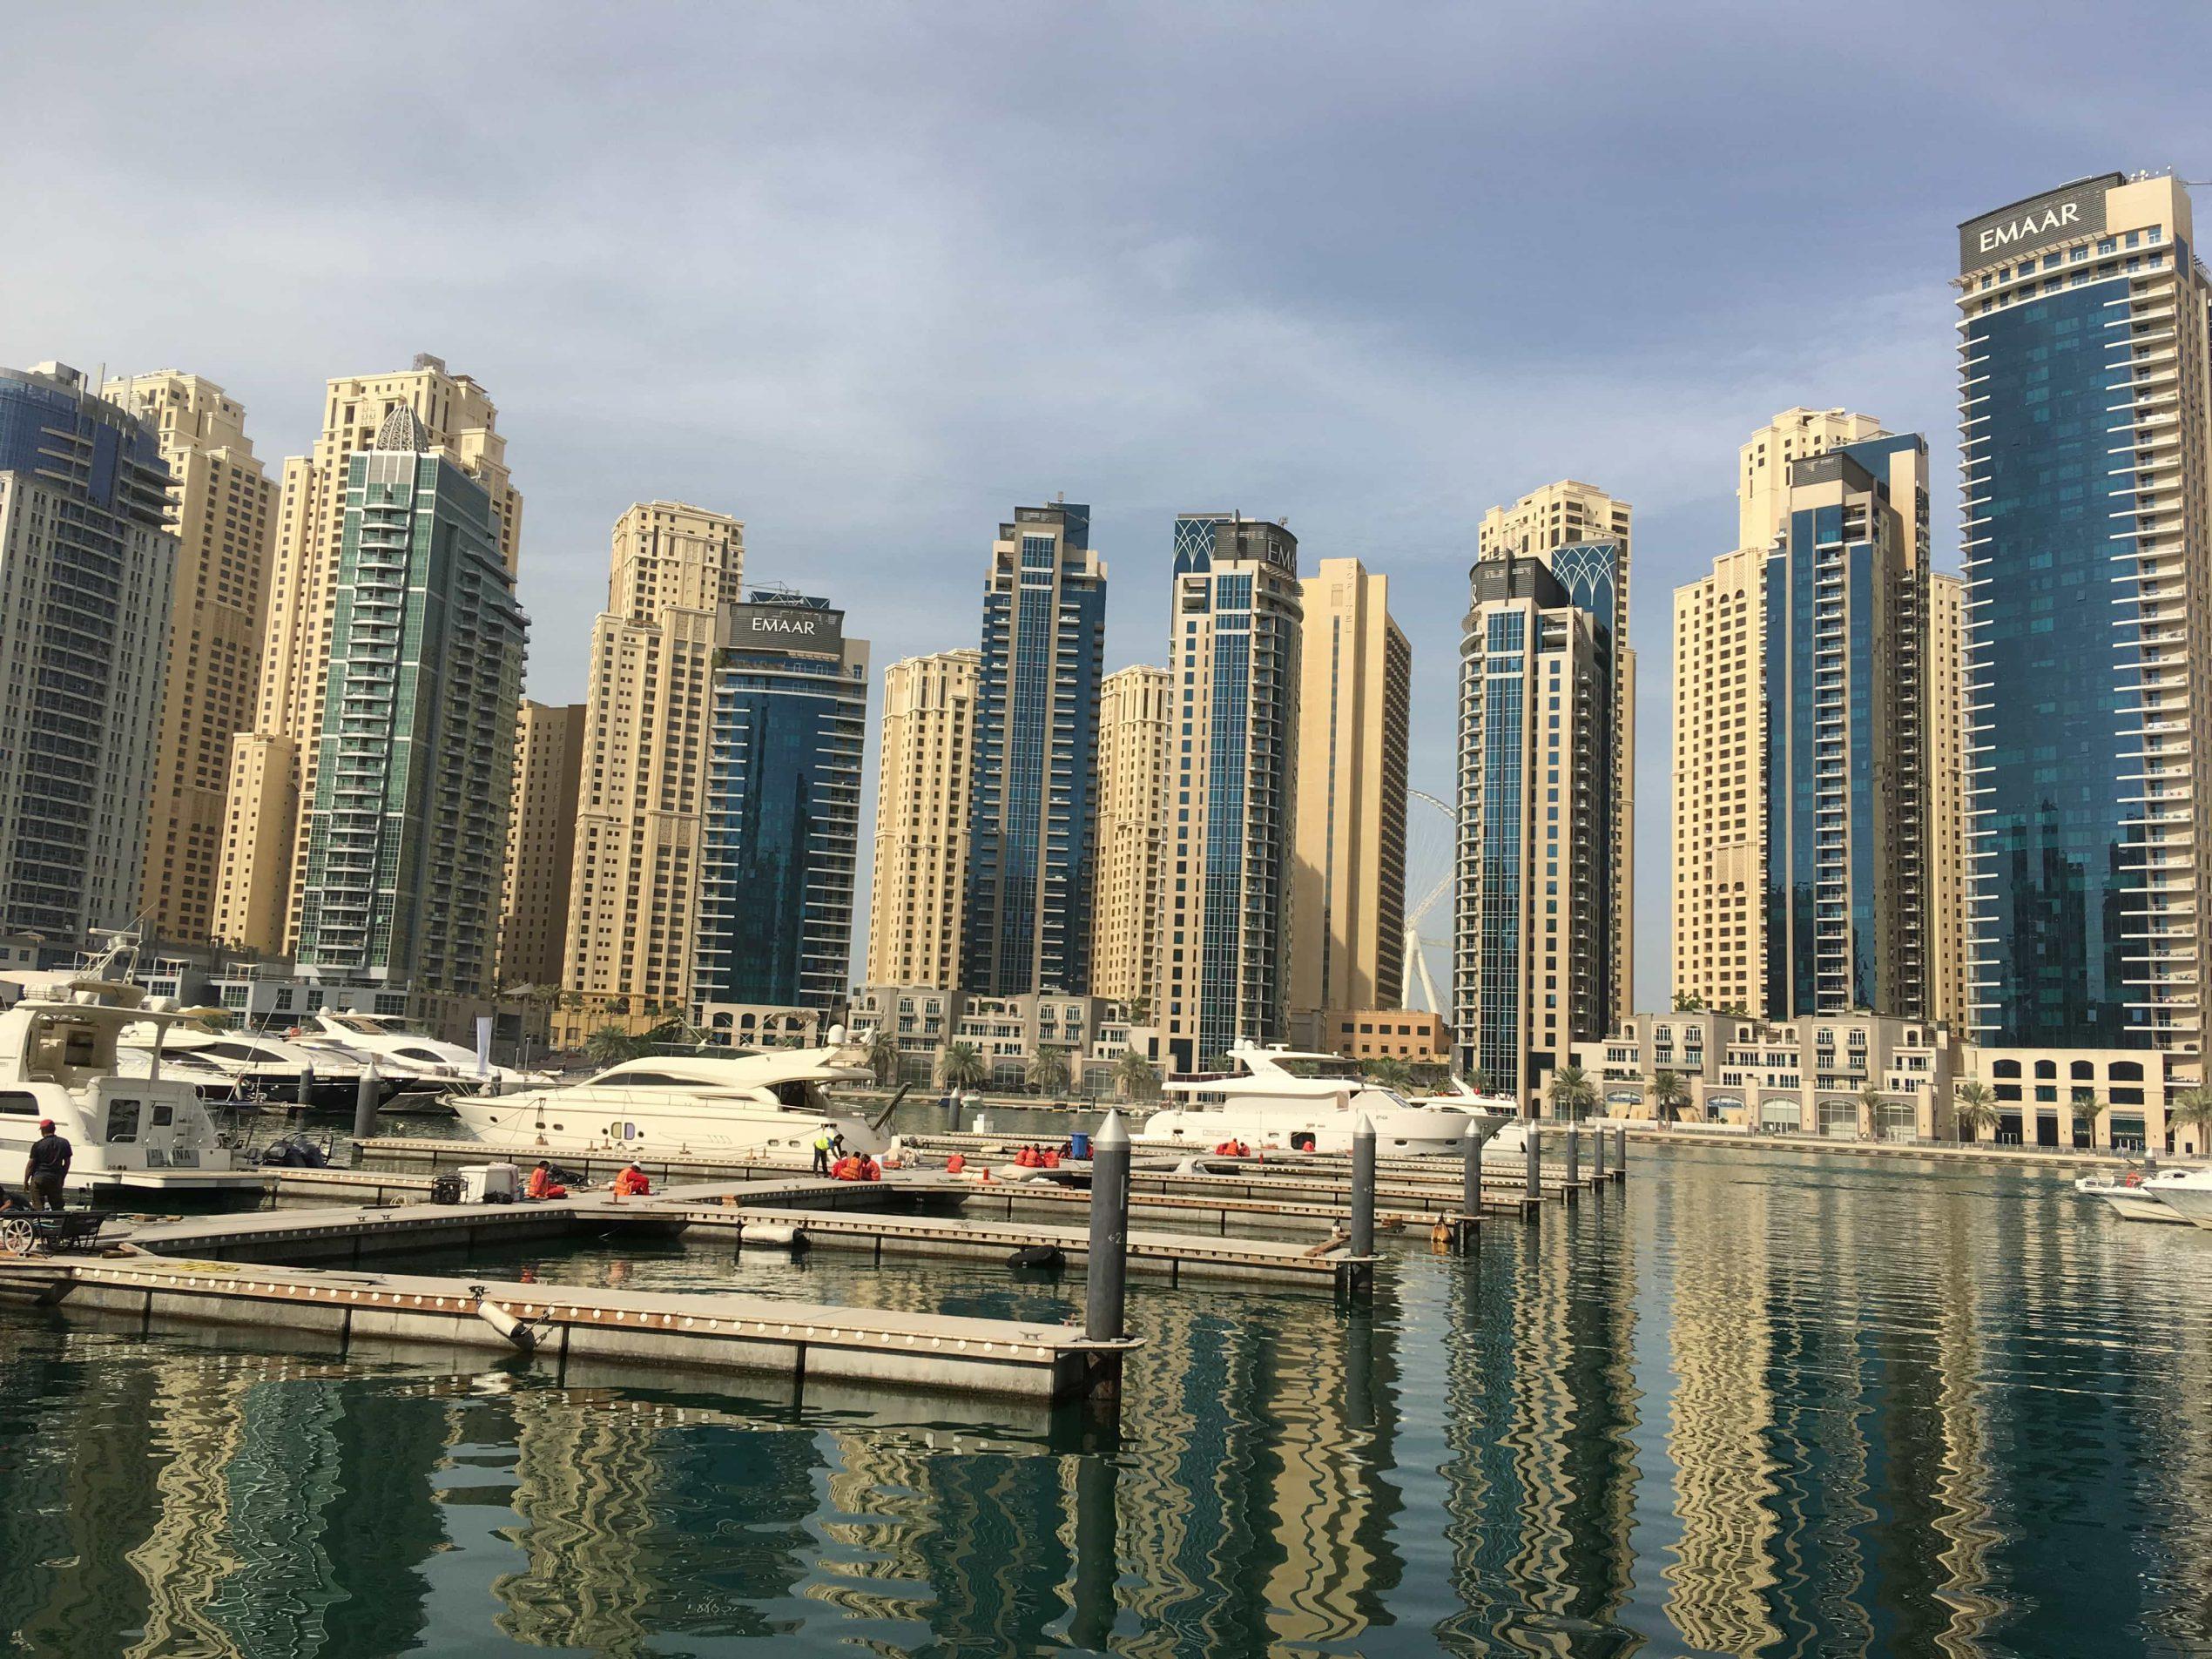 IMG 0460 - 10.-12. Januar 2019 - 24hseries.com - 24h Dubai / VAE